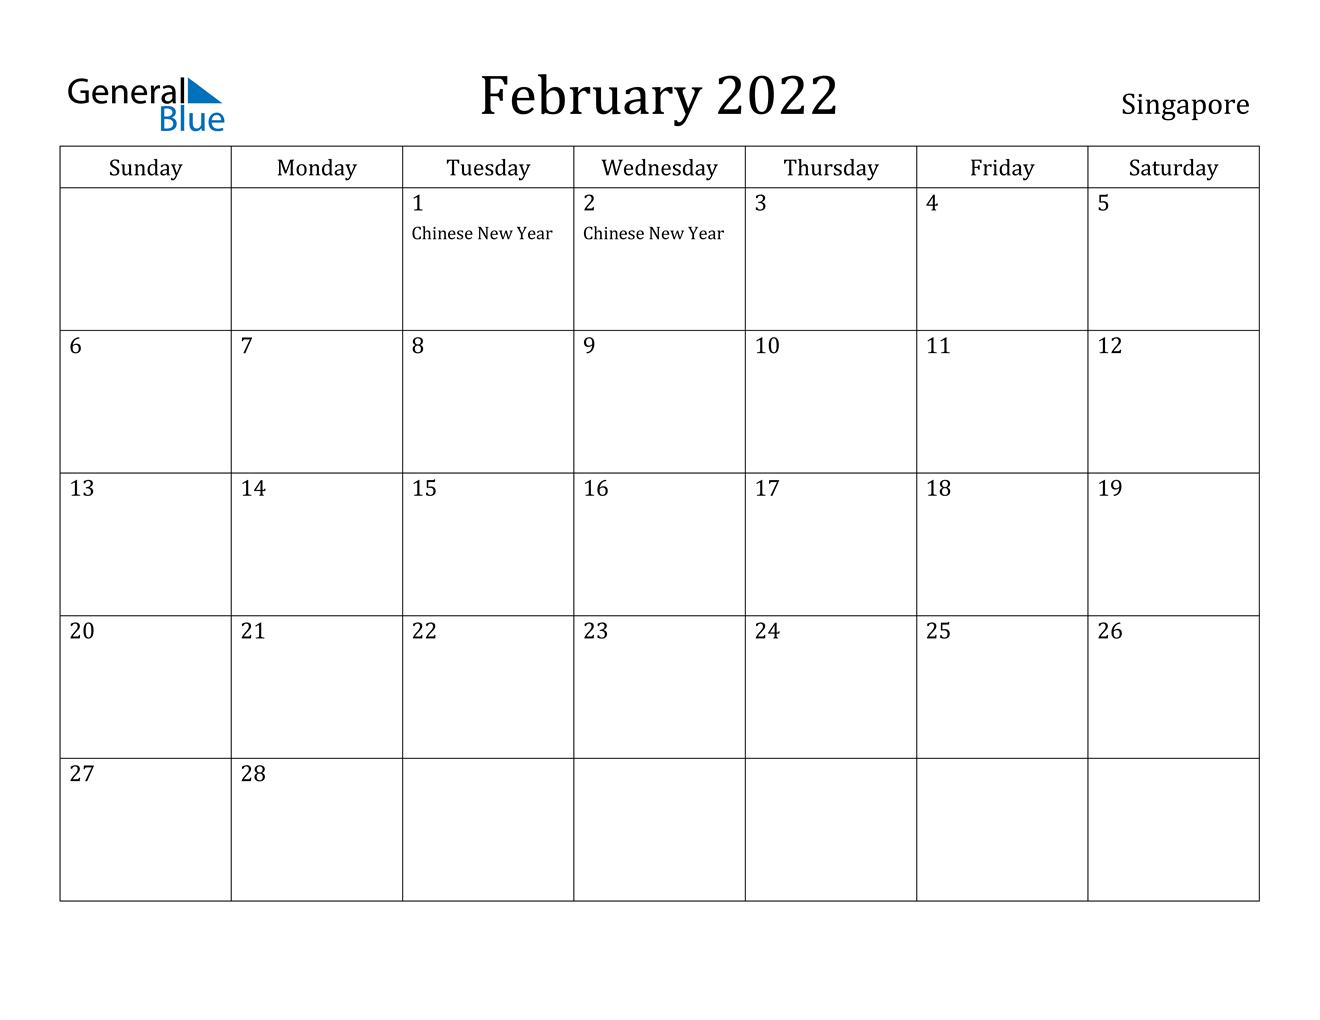 Singapore February 2022 Calendar With Holidays Regarding Free Printable Calendar For February 2022